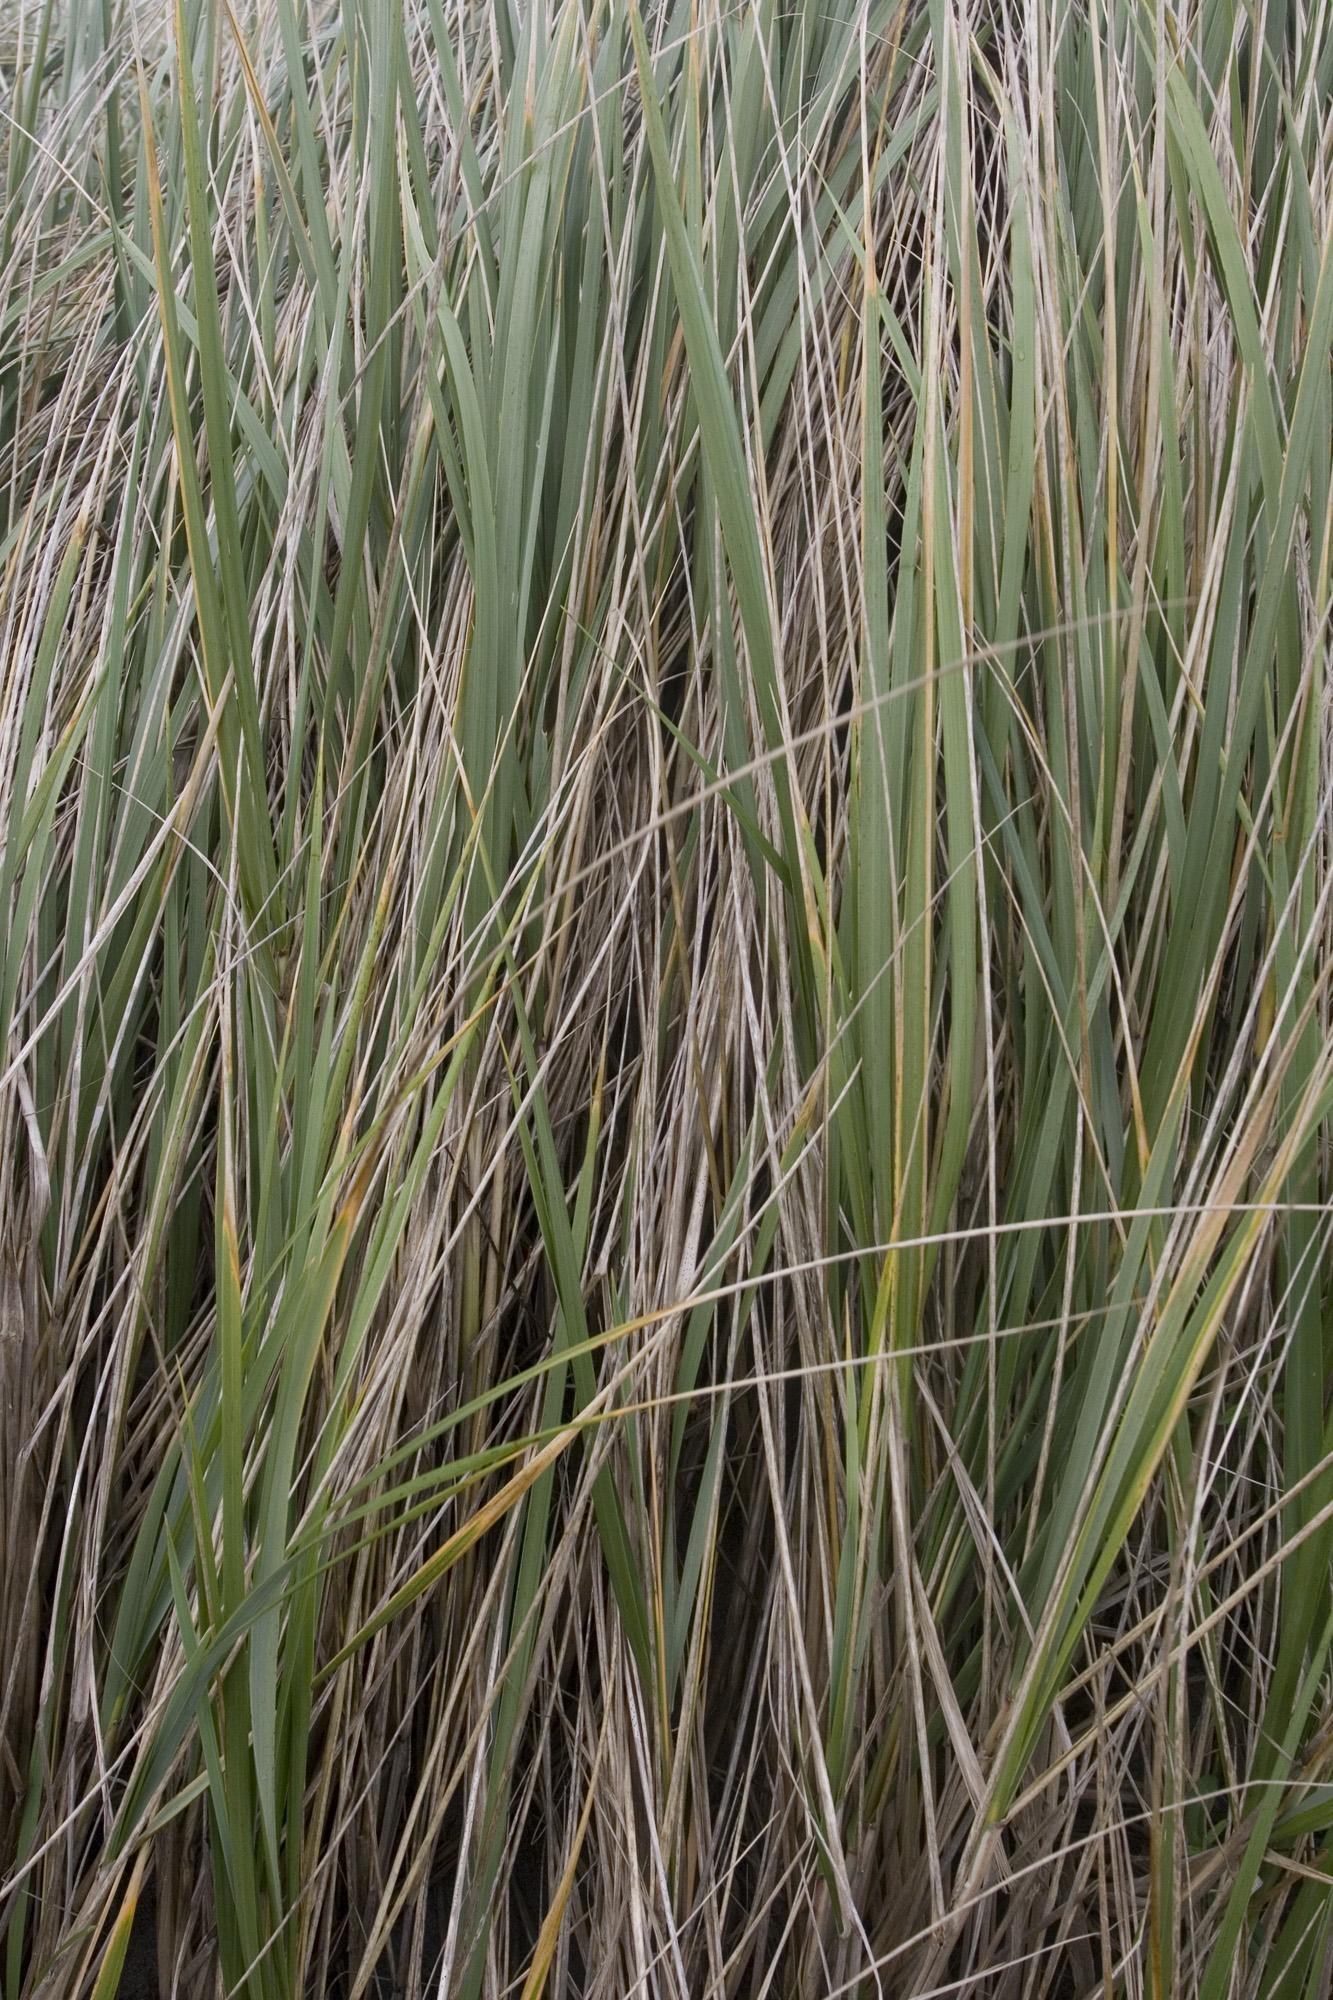 Ocean Shores grass texture